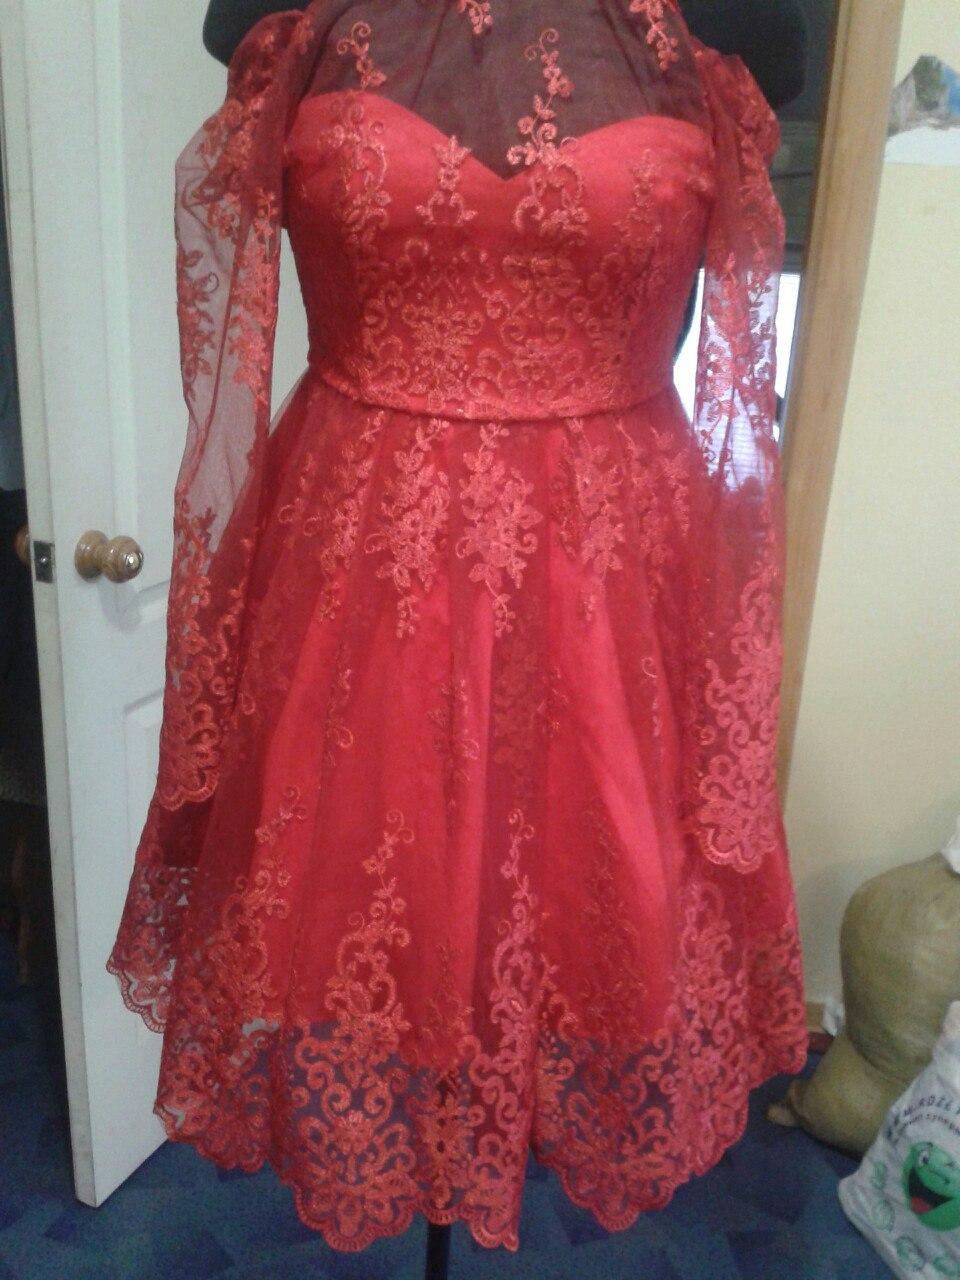 Фото Пошила обалденное платье с цельным корсетом из гипюра. Если нужно,то делаю отдельно вышивку!